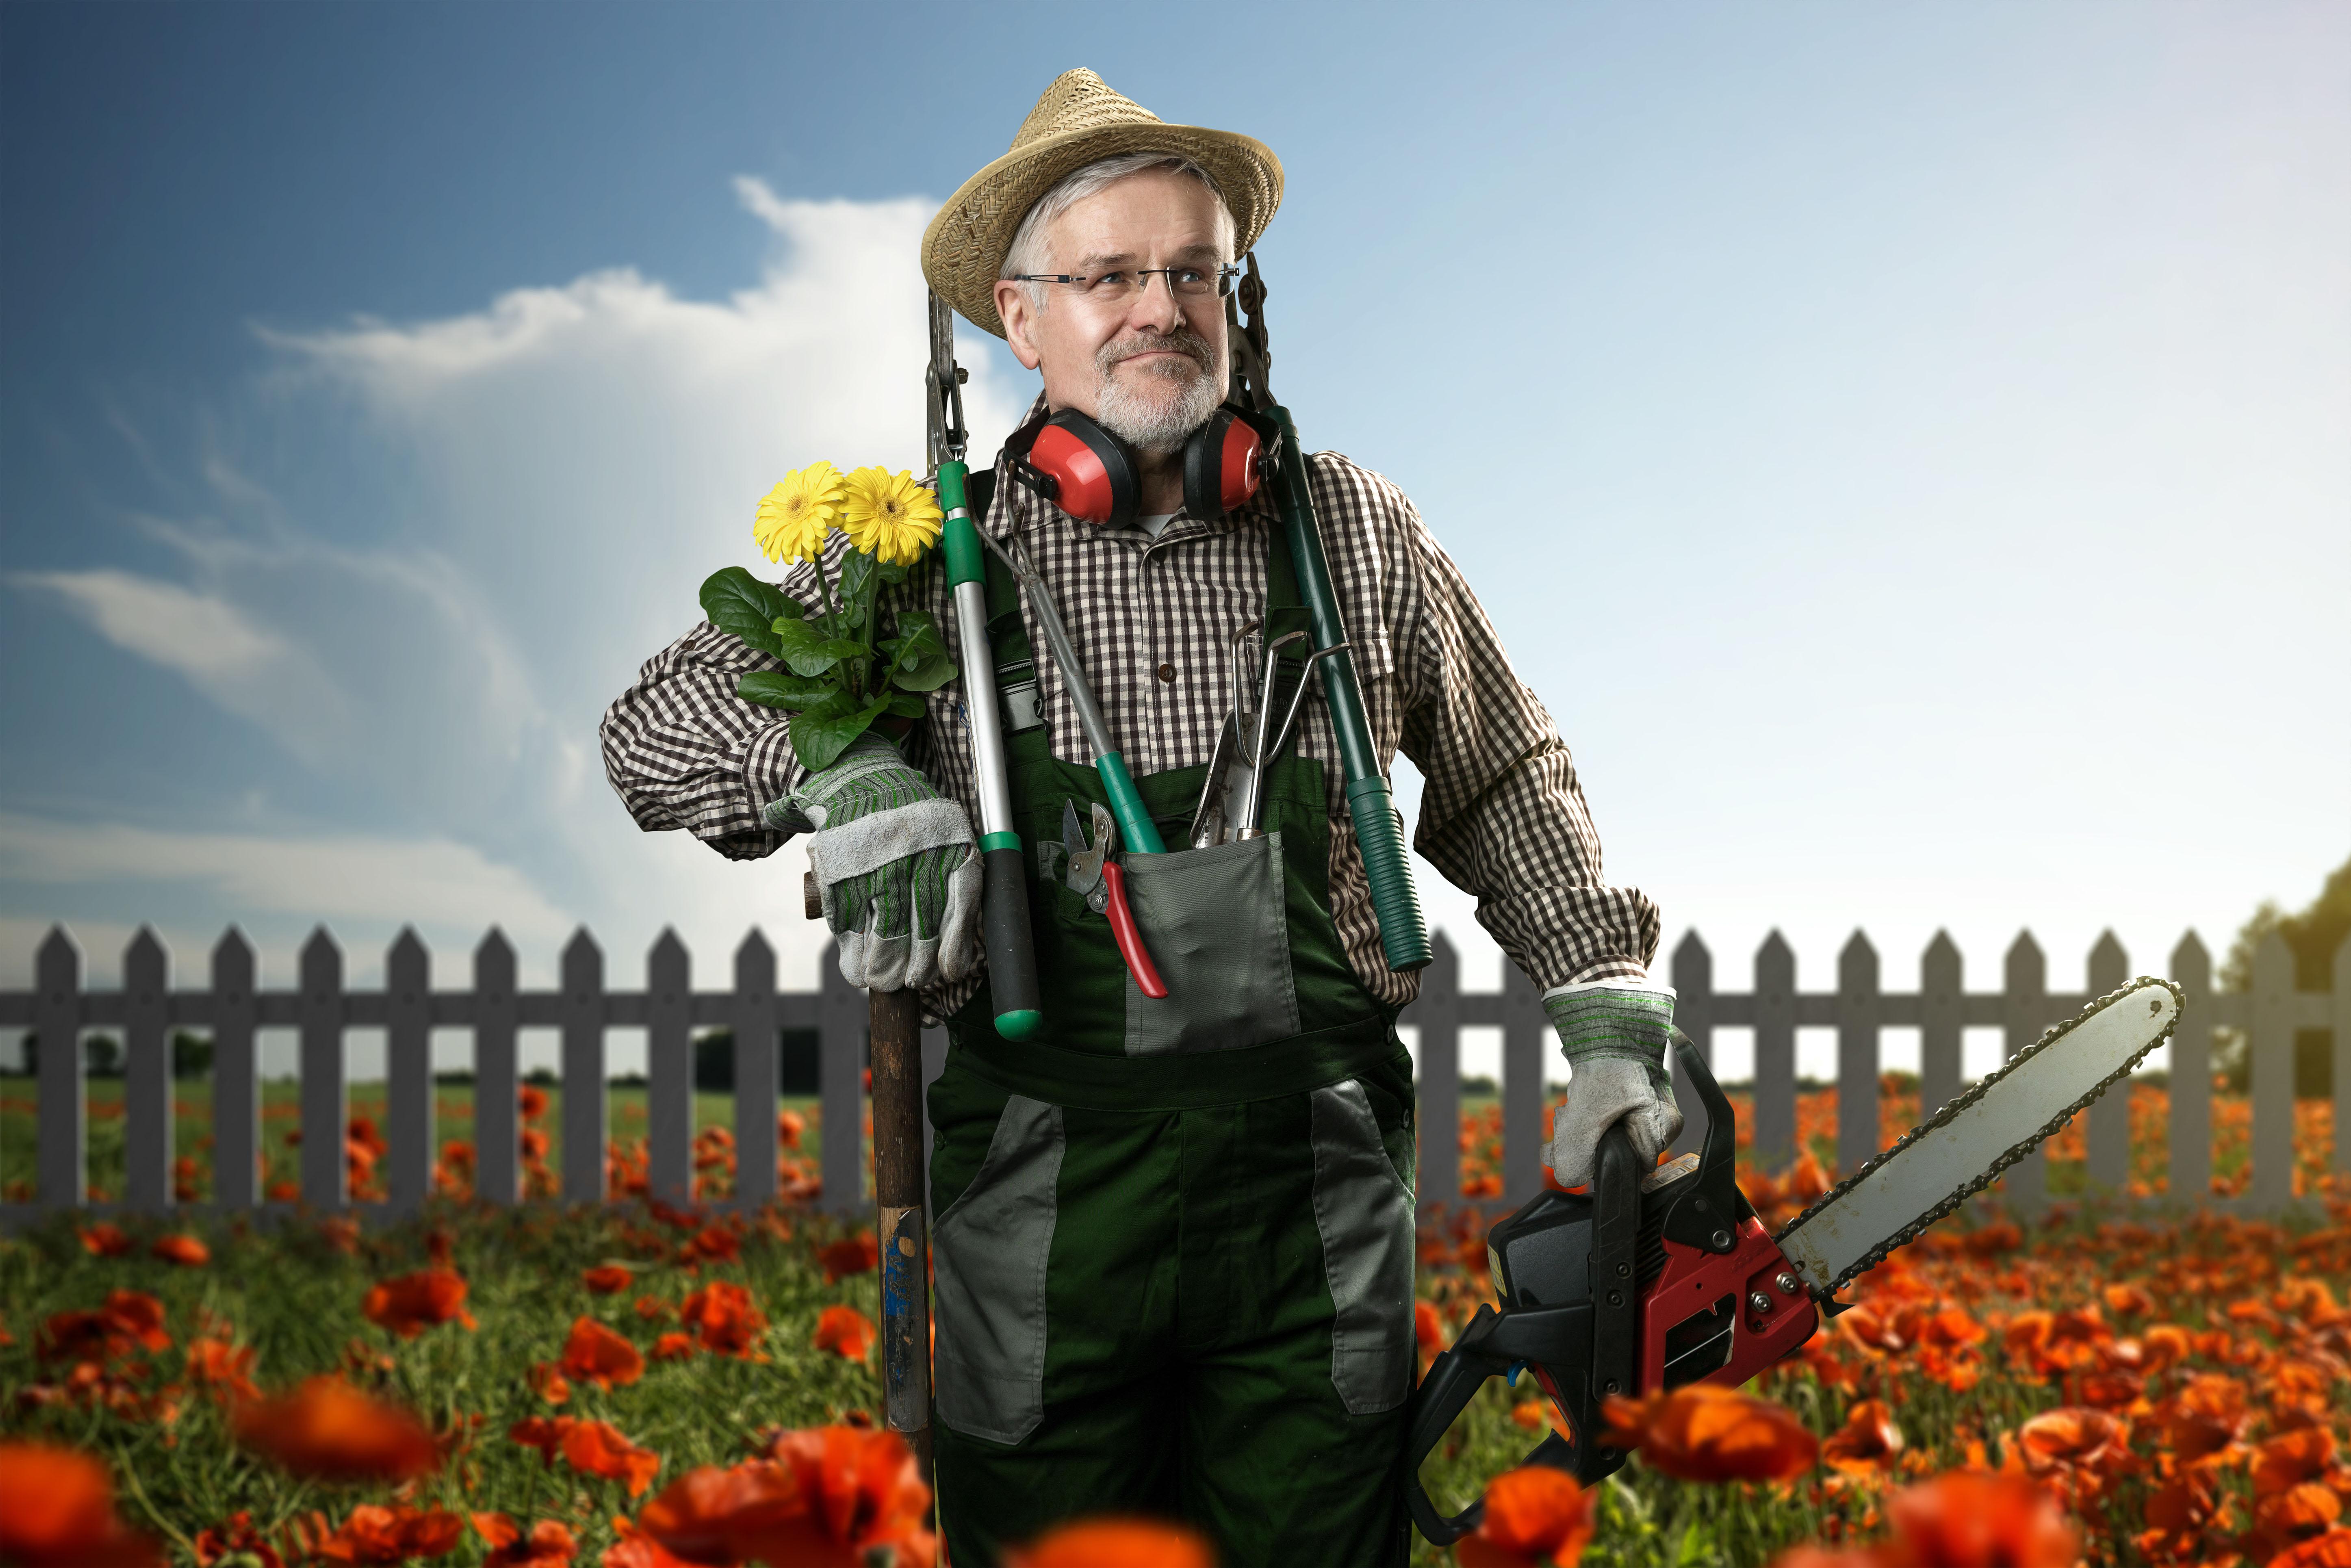 Jardinier - Conseils : Les essentiels de jardinage